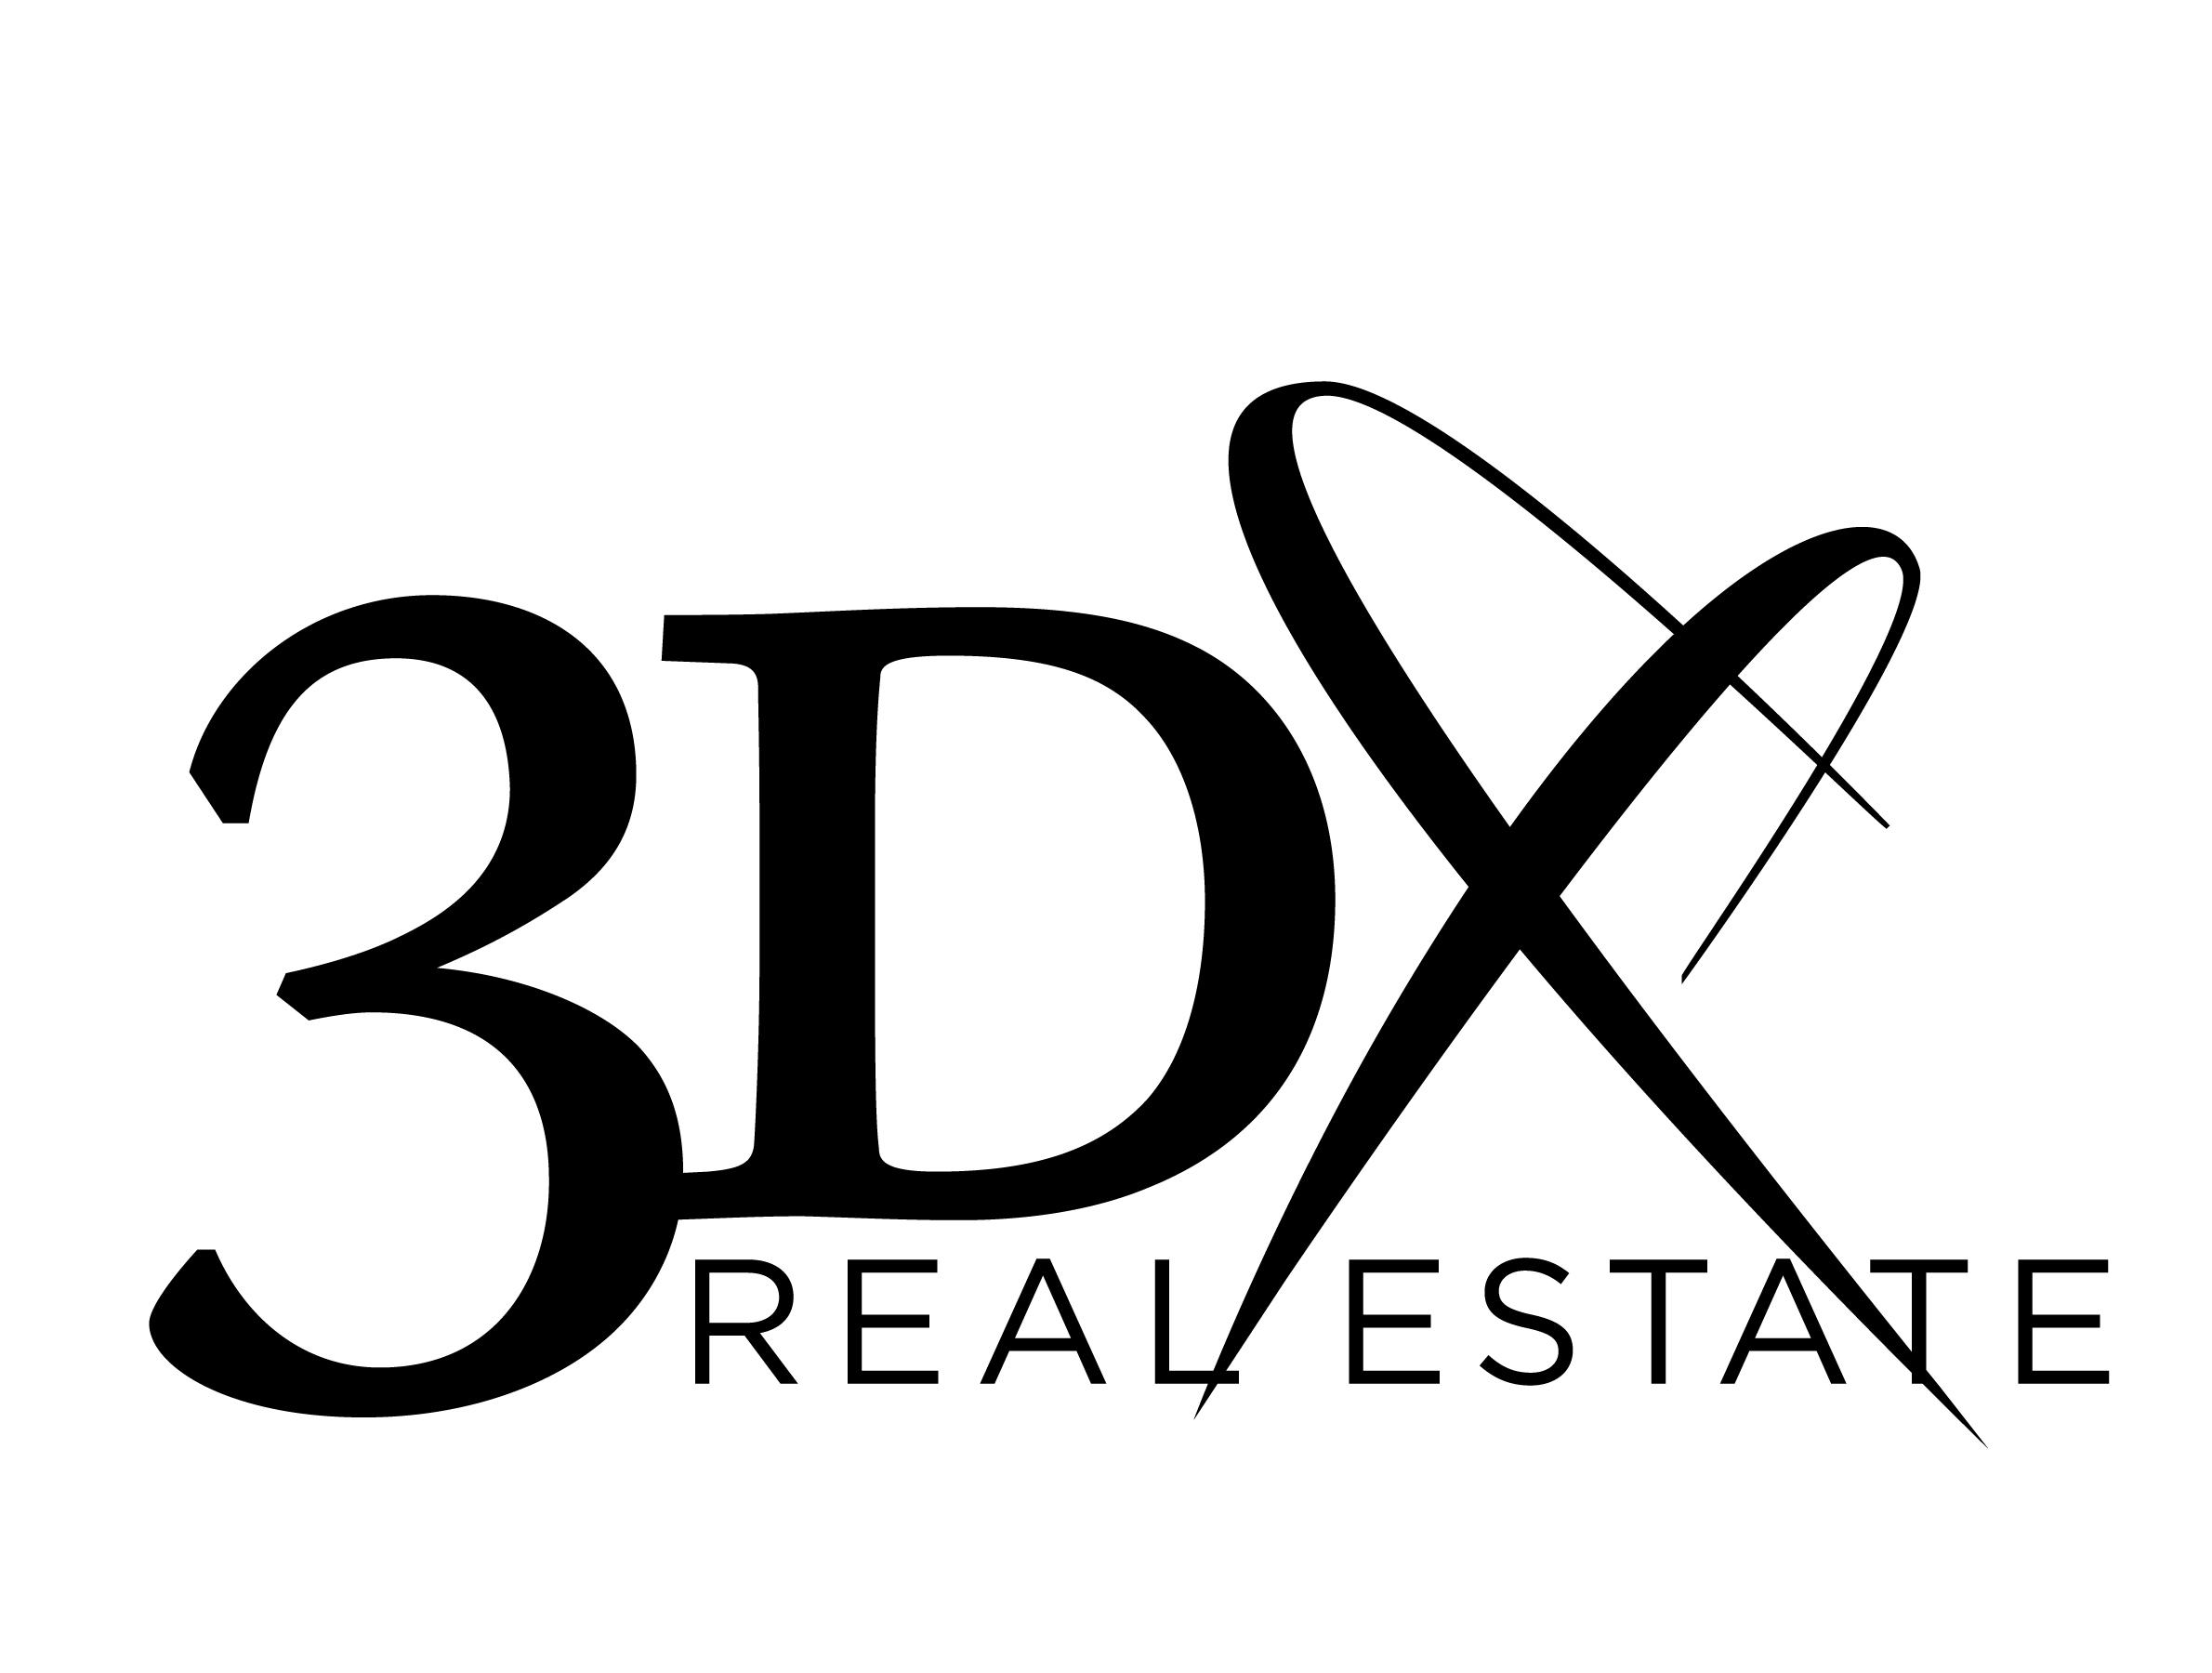 3dx Real Estate Llc